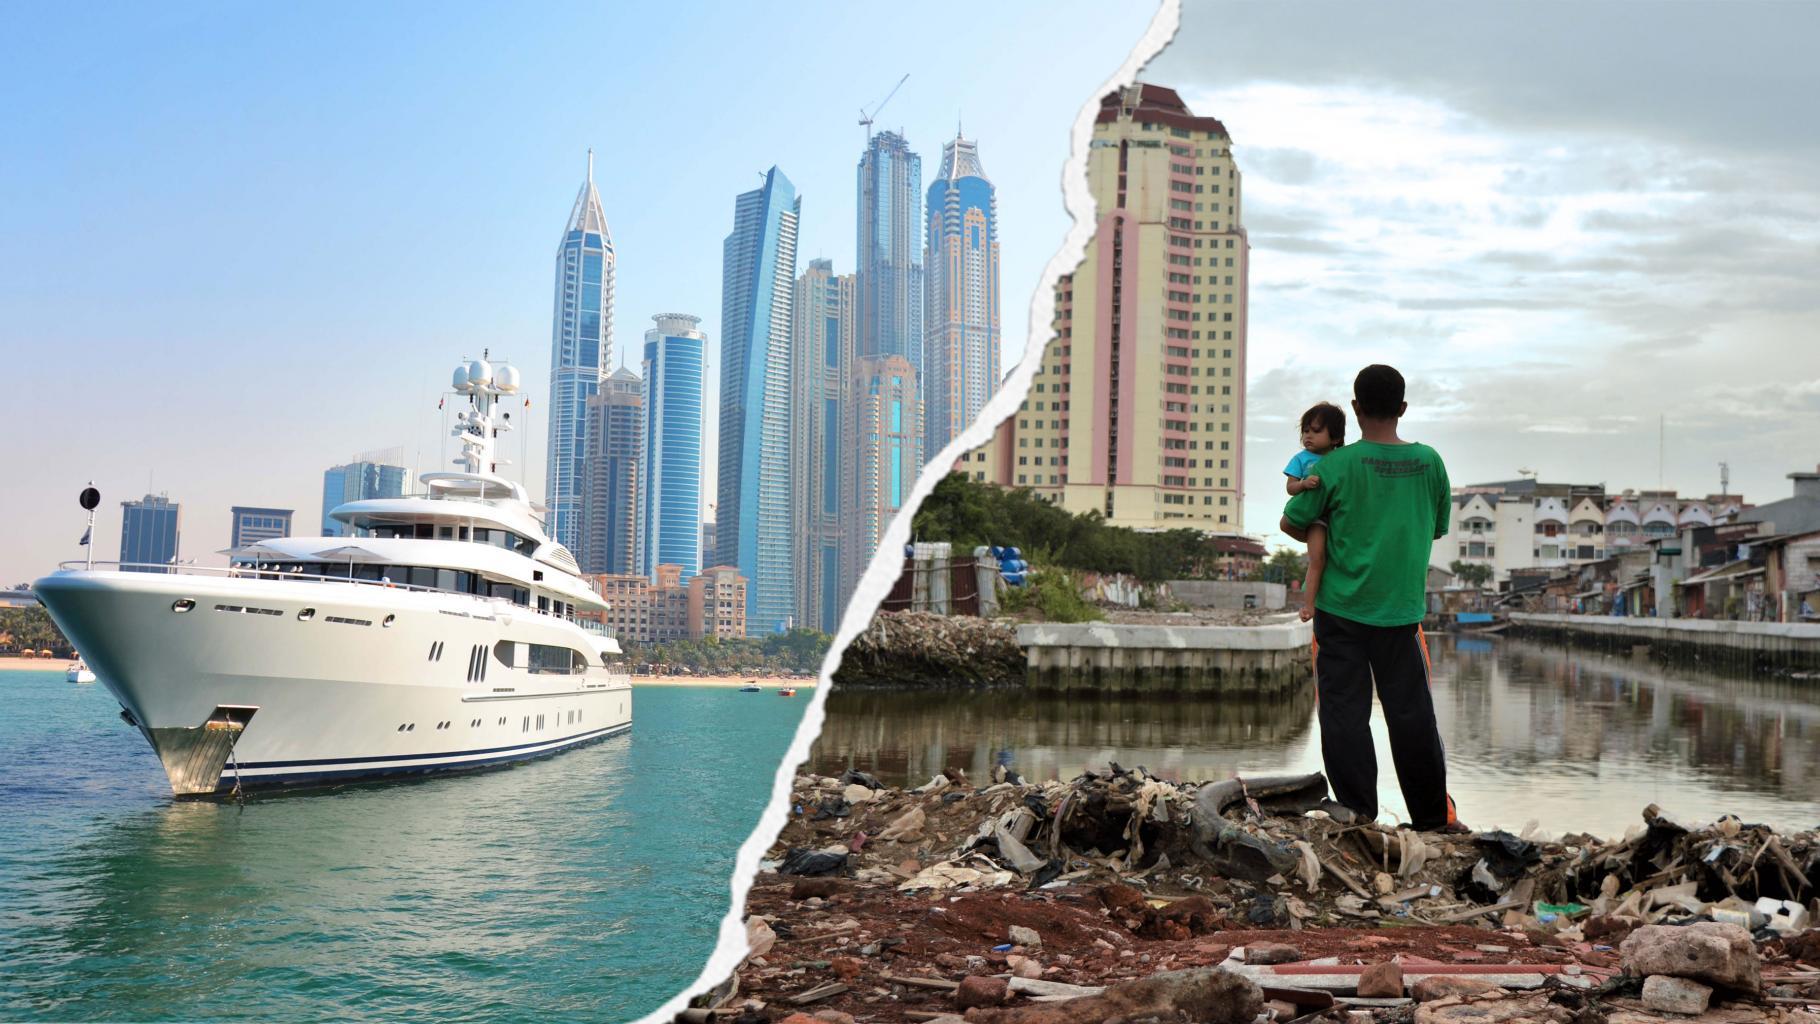 ox_davos2018_startseite_3640x2018px Oxfam-Bericht: 82 Prozent des weltweiten Vermögenswachstums geht ans reichste Prozent der Bevölkerung Entwicklungszusammenarbeit